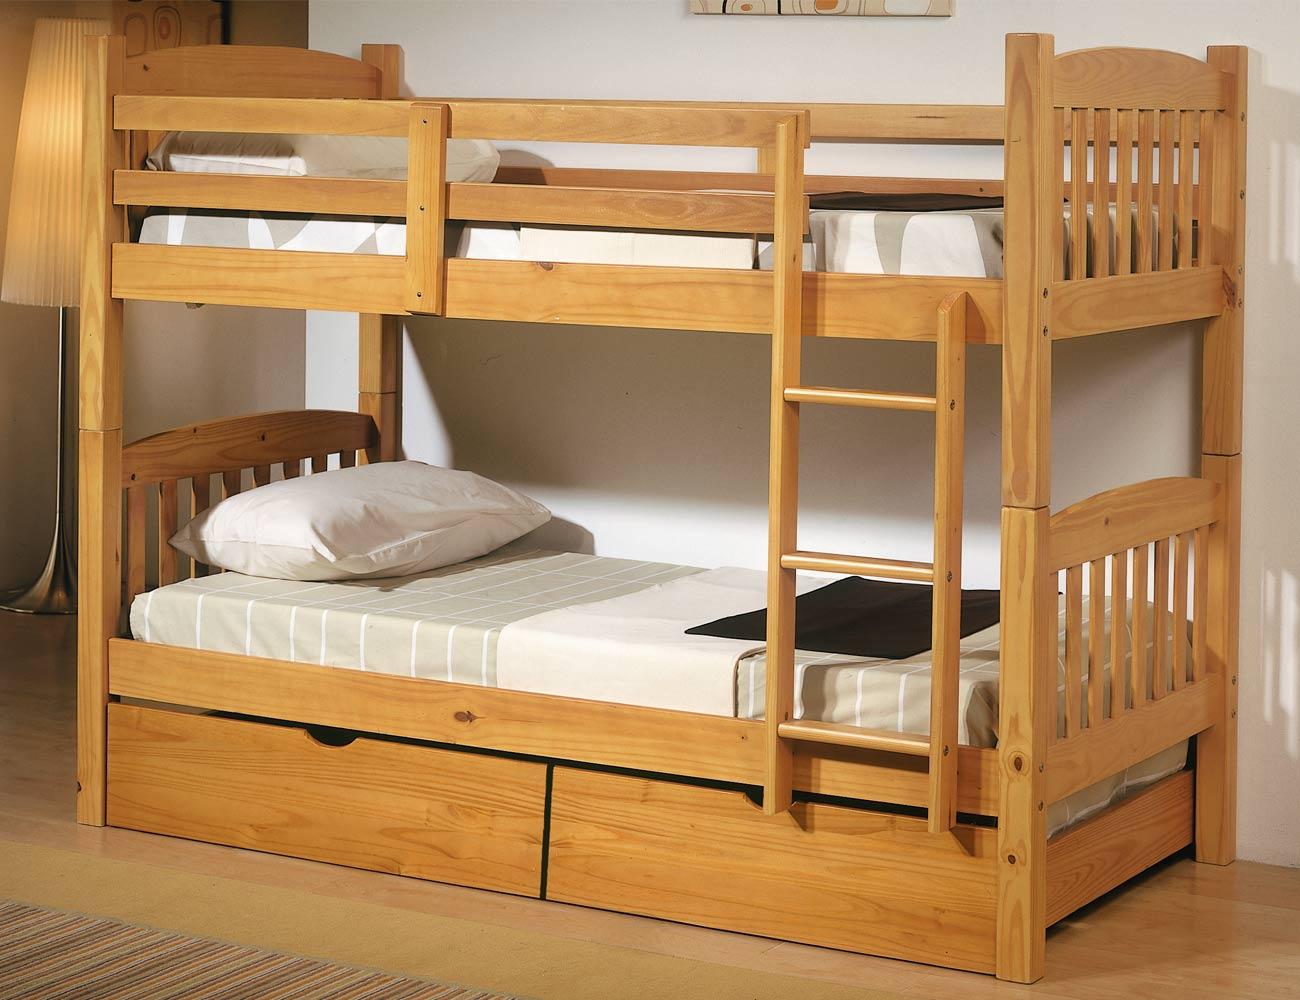 Cama litera dormitorio juvenil en madera color miel con - Cama de 90 con cajones ...